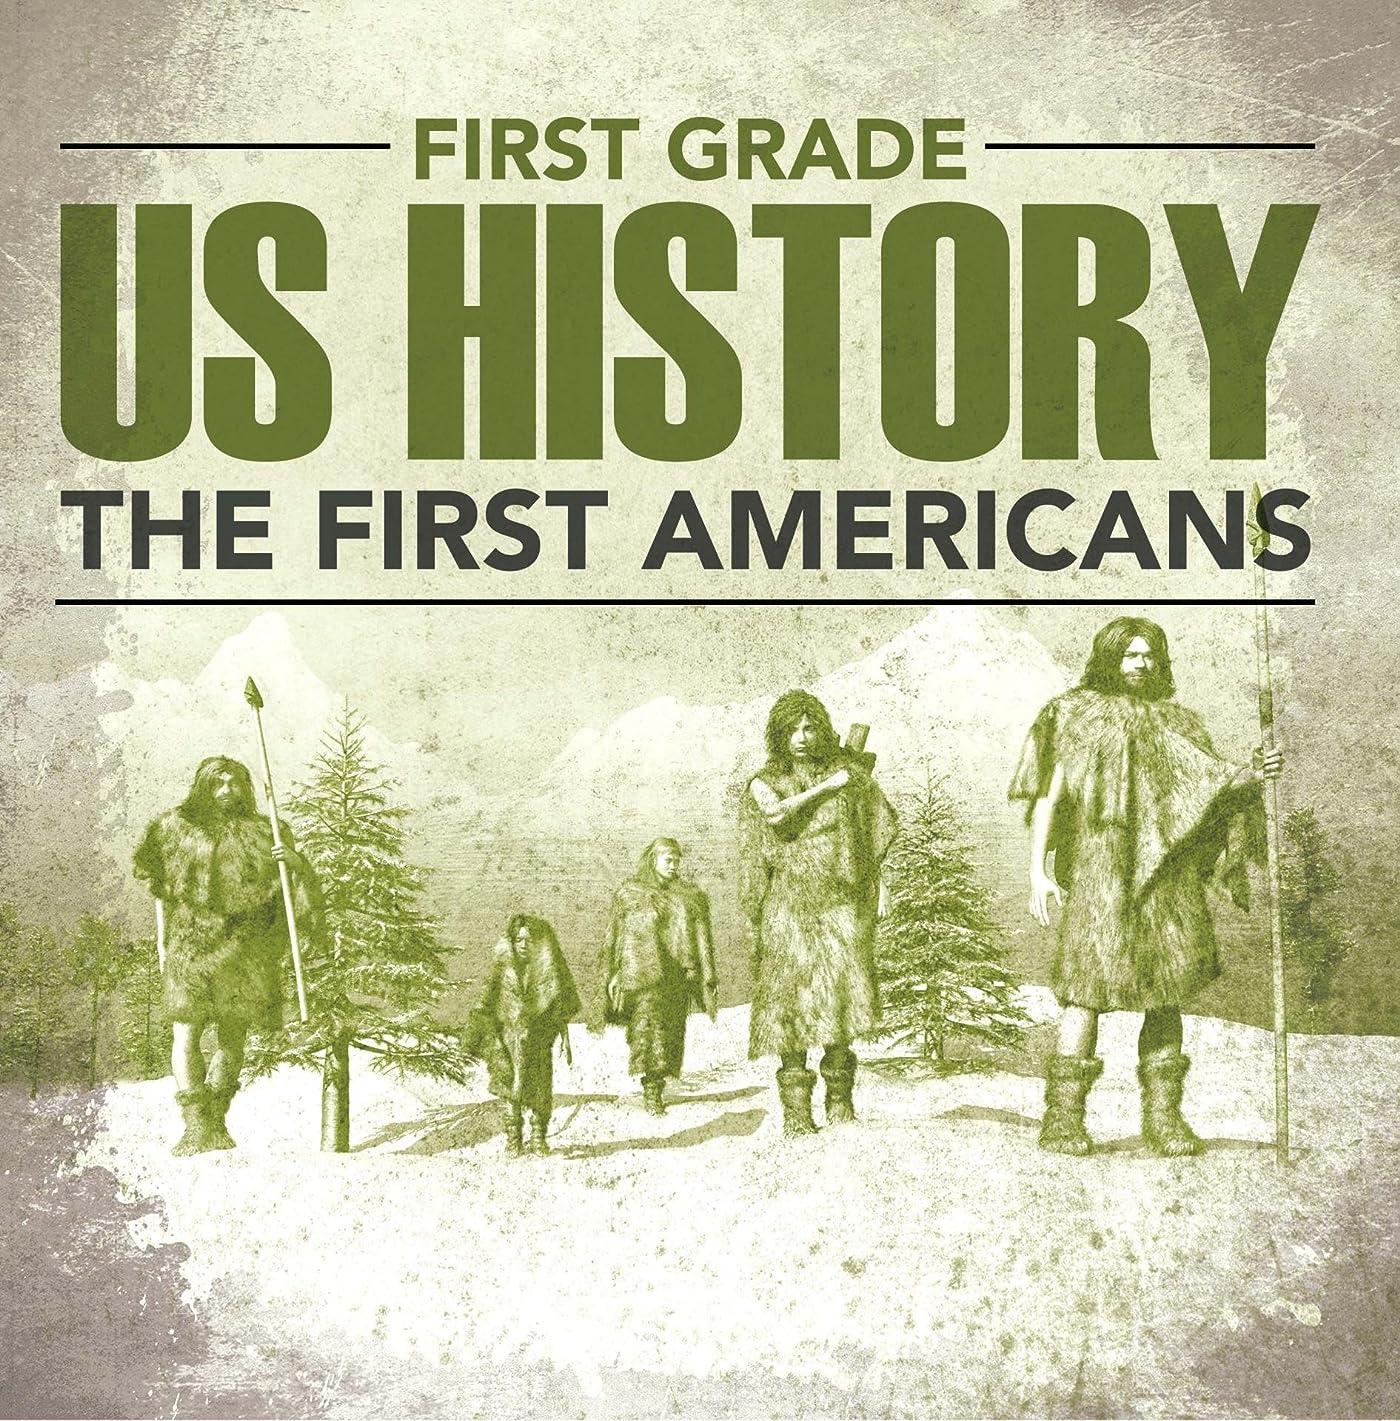 比率バーマド泳ぐFirst Grade Us History: The First Americans: First Grade Books (Children's American History Books) (English Edition)